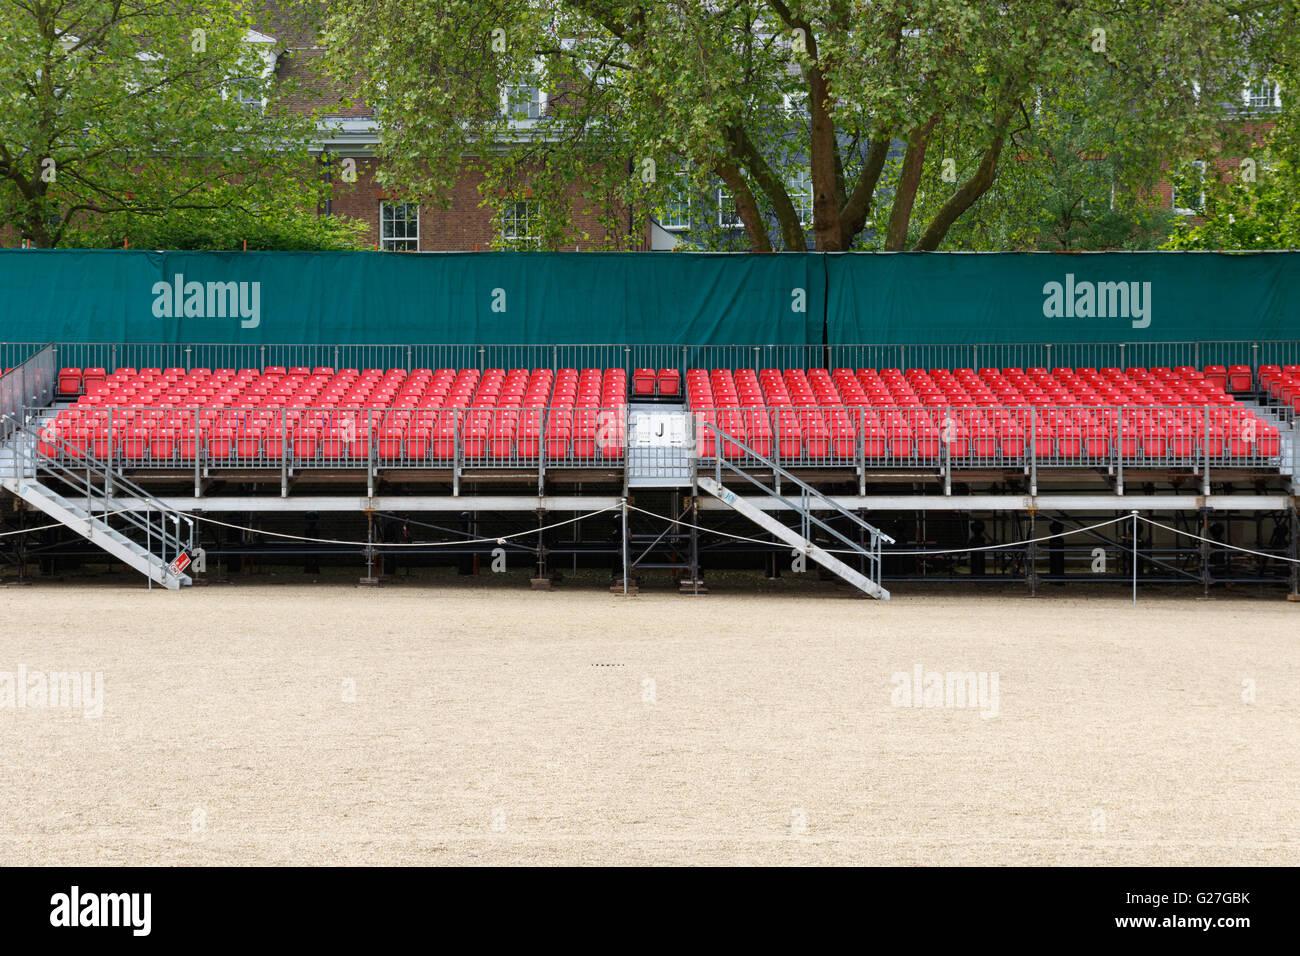 Temporäre geharkt rote Zuschauer Sitzplätze für ein outdoor-event Stockbild